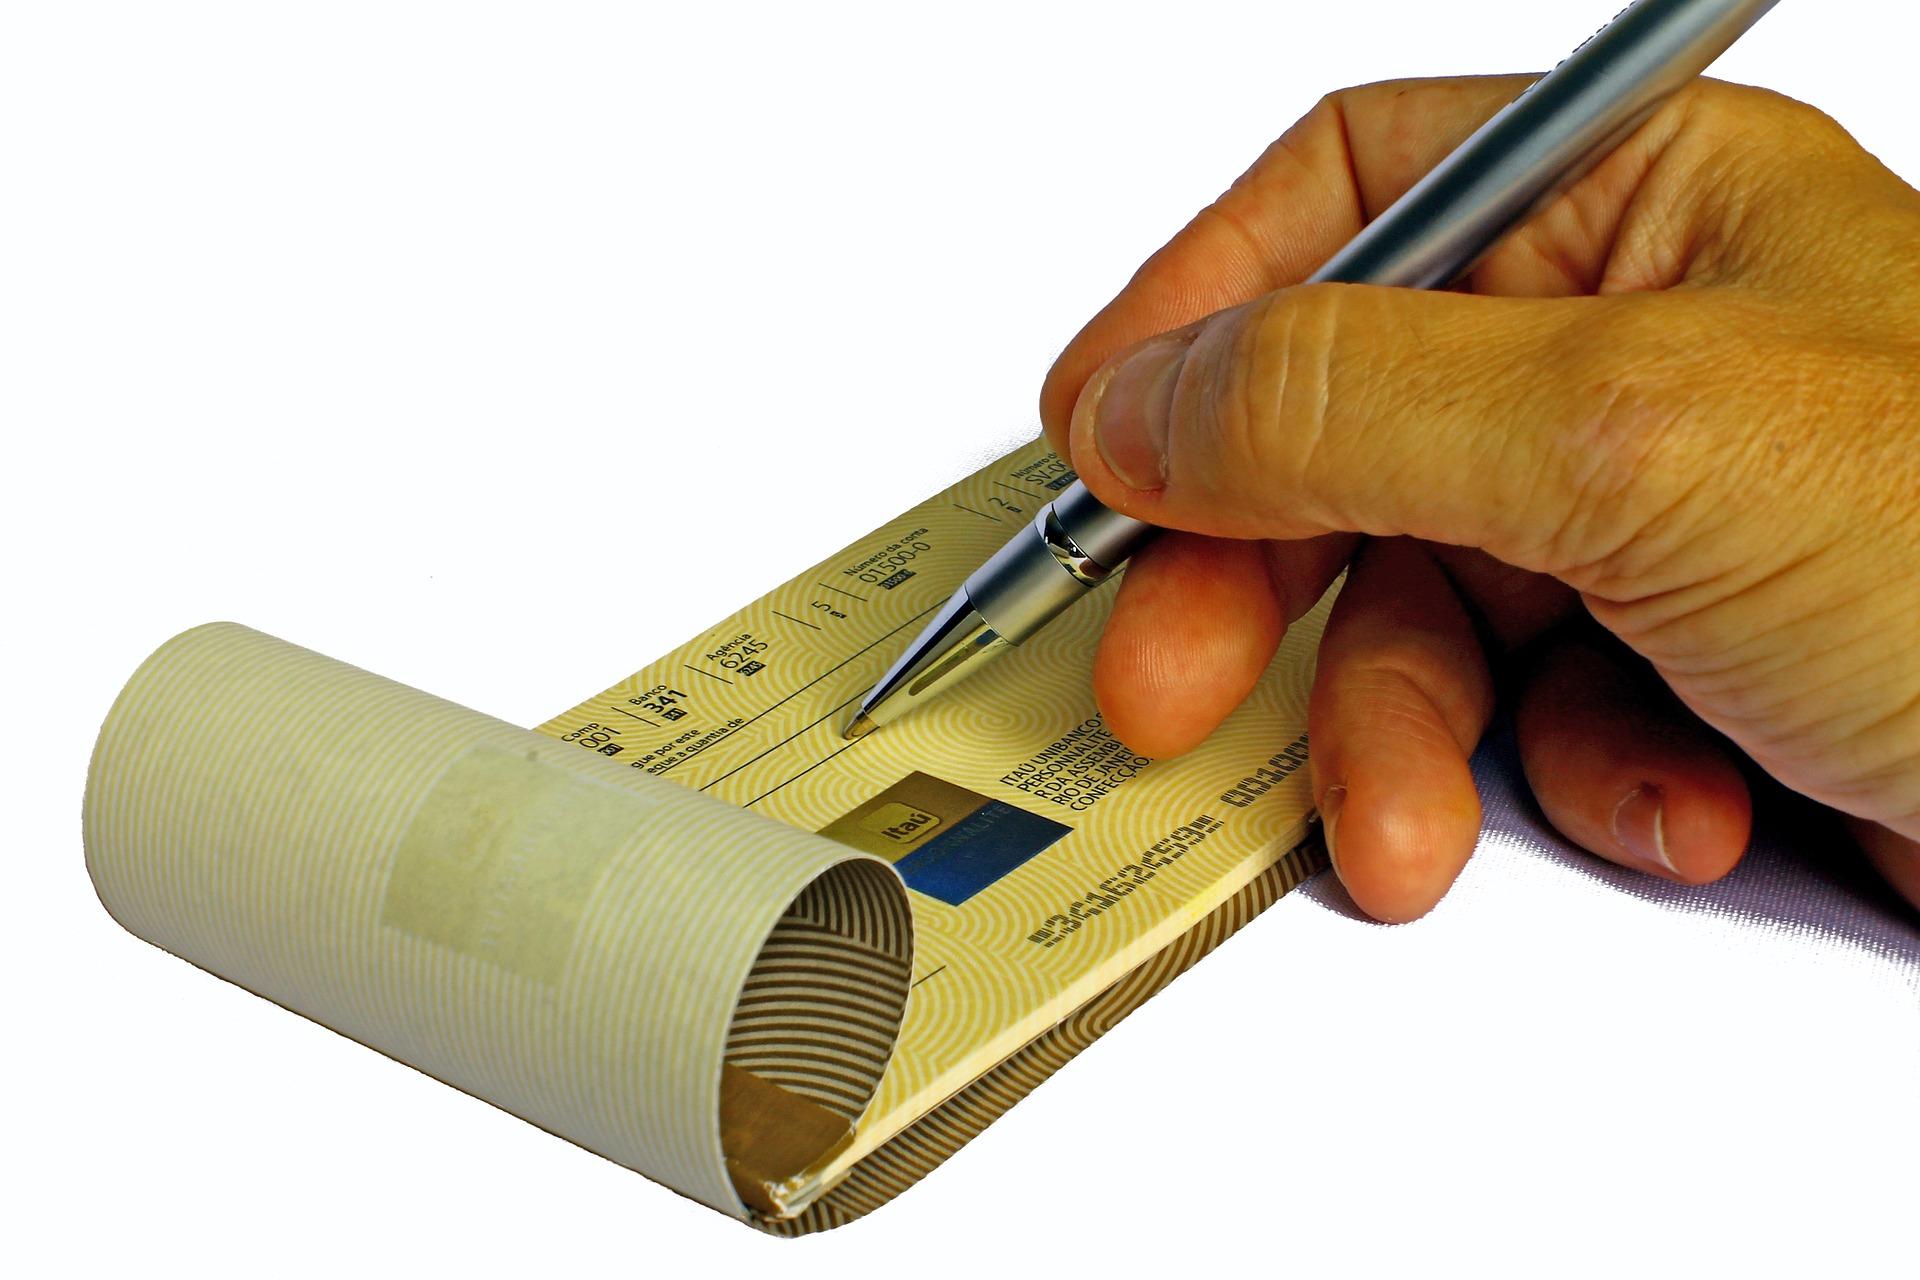 Les banques en ligne lancent l'encaissement de chèques par smartphone